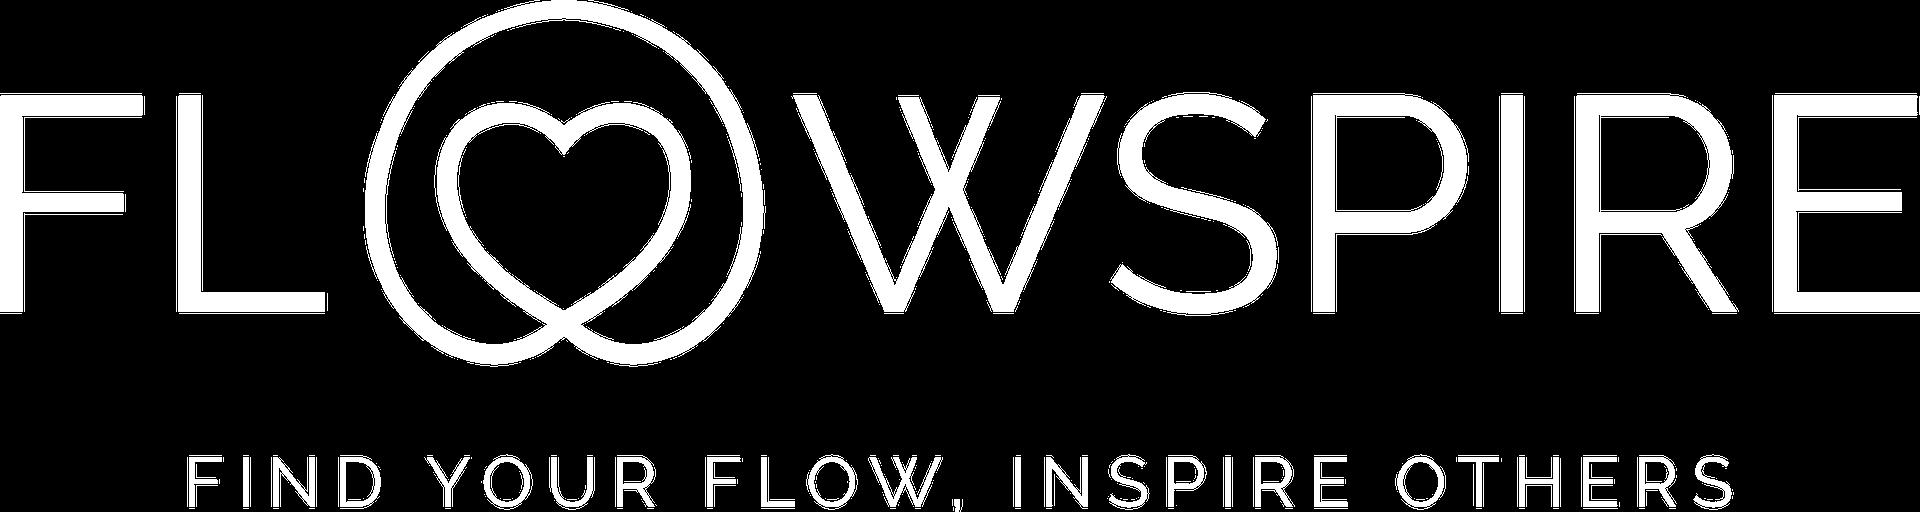 Flowspire